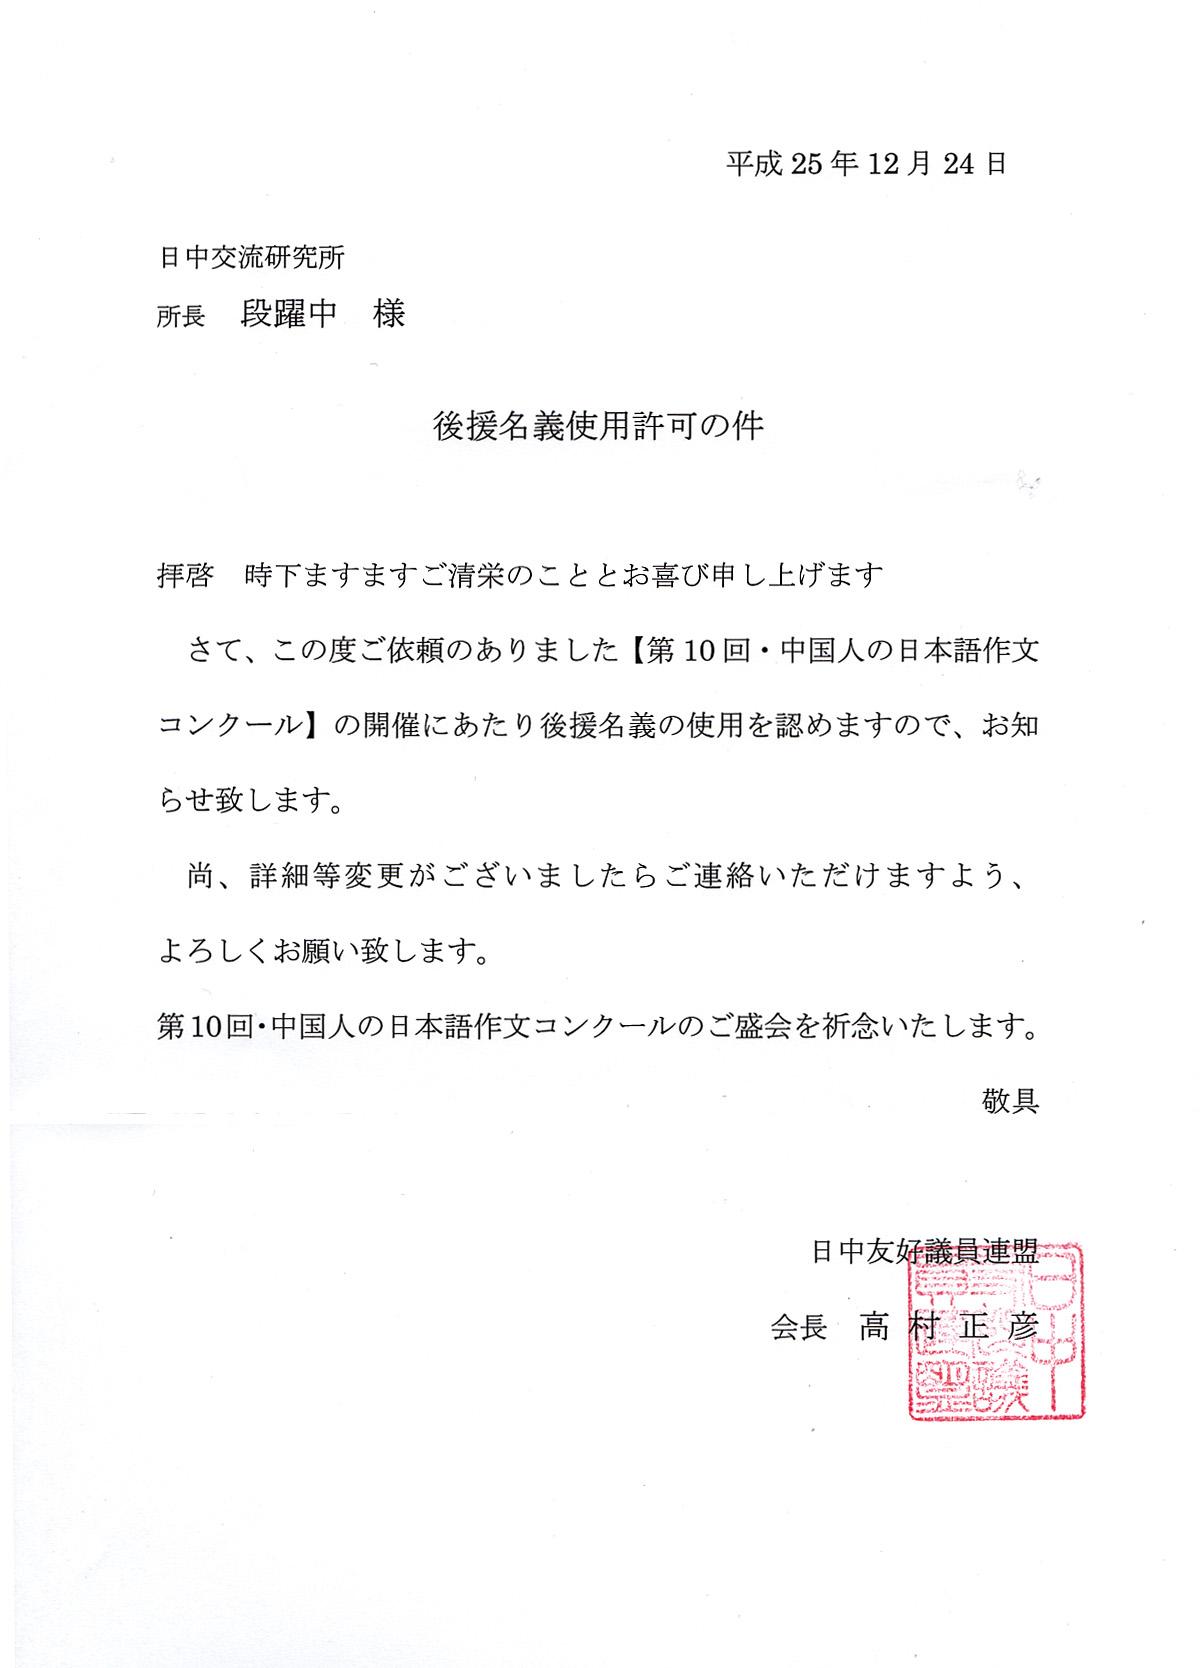 日中友好議員連盟 第10回中国人の日本語作文コンクール後援団体に_d0027795_16511714.jpg